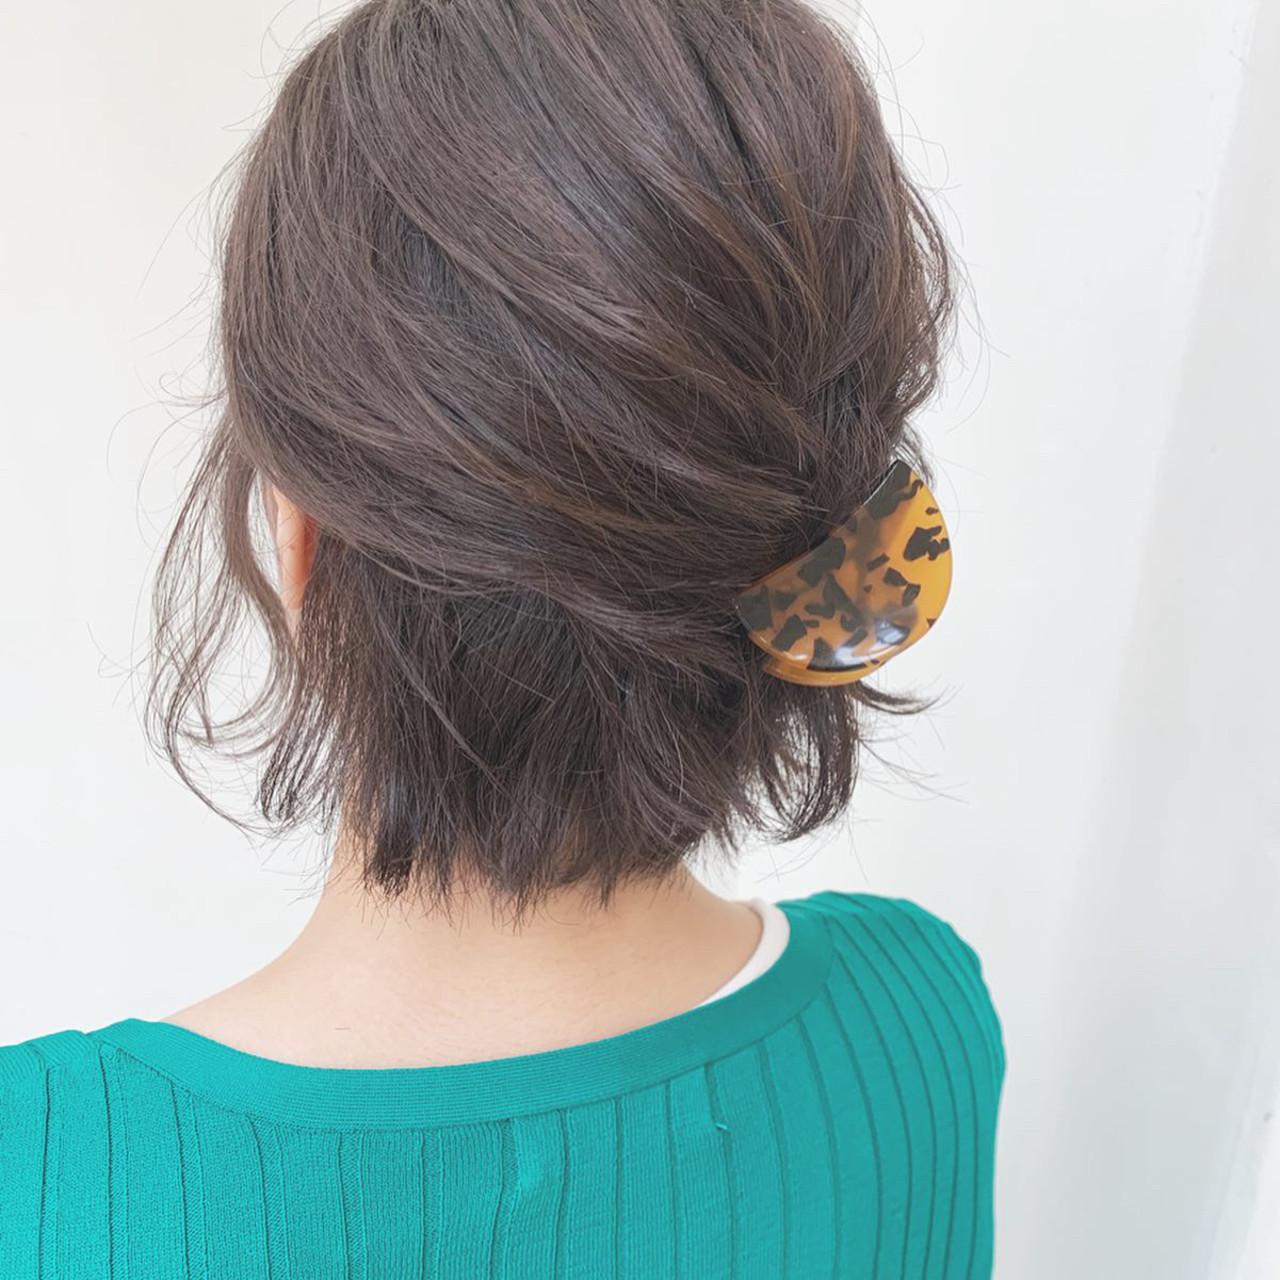 後れ毛のみアイロンをかけたハーフアップアレンジ Kaoru_ishiga